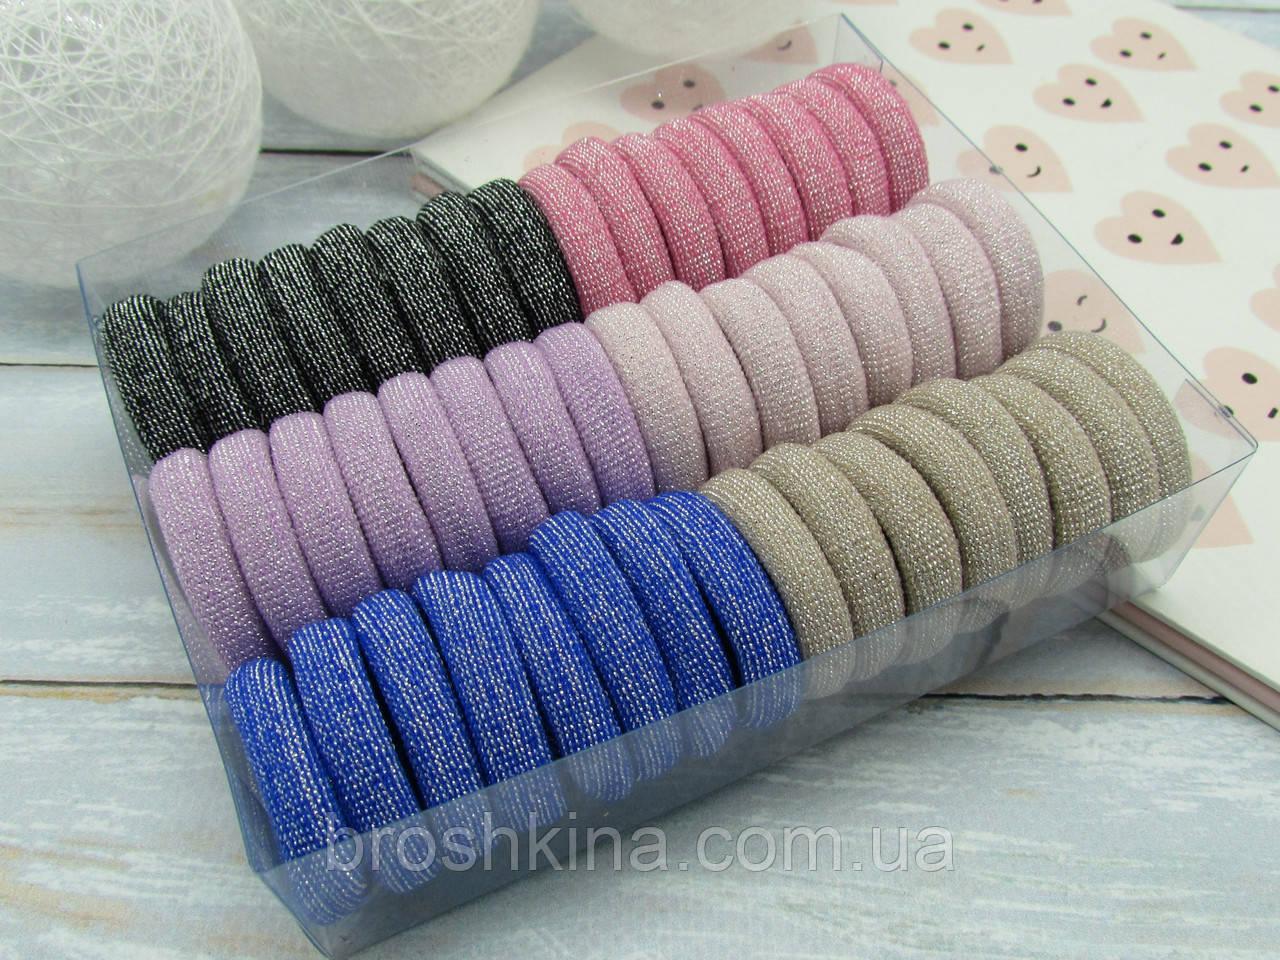 Гумки для волосся мікрофібра люрекс Ø3 см 48 шт. в коробці